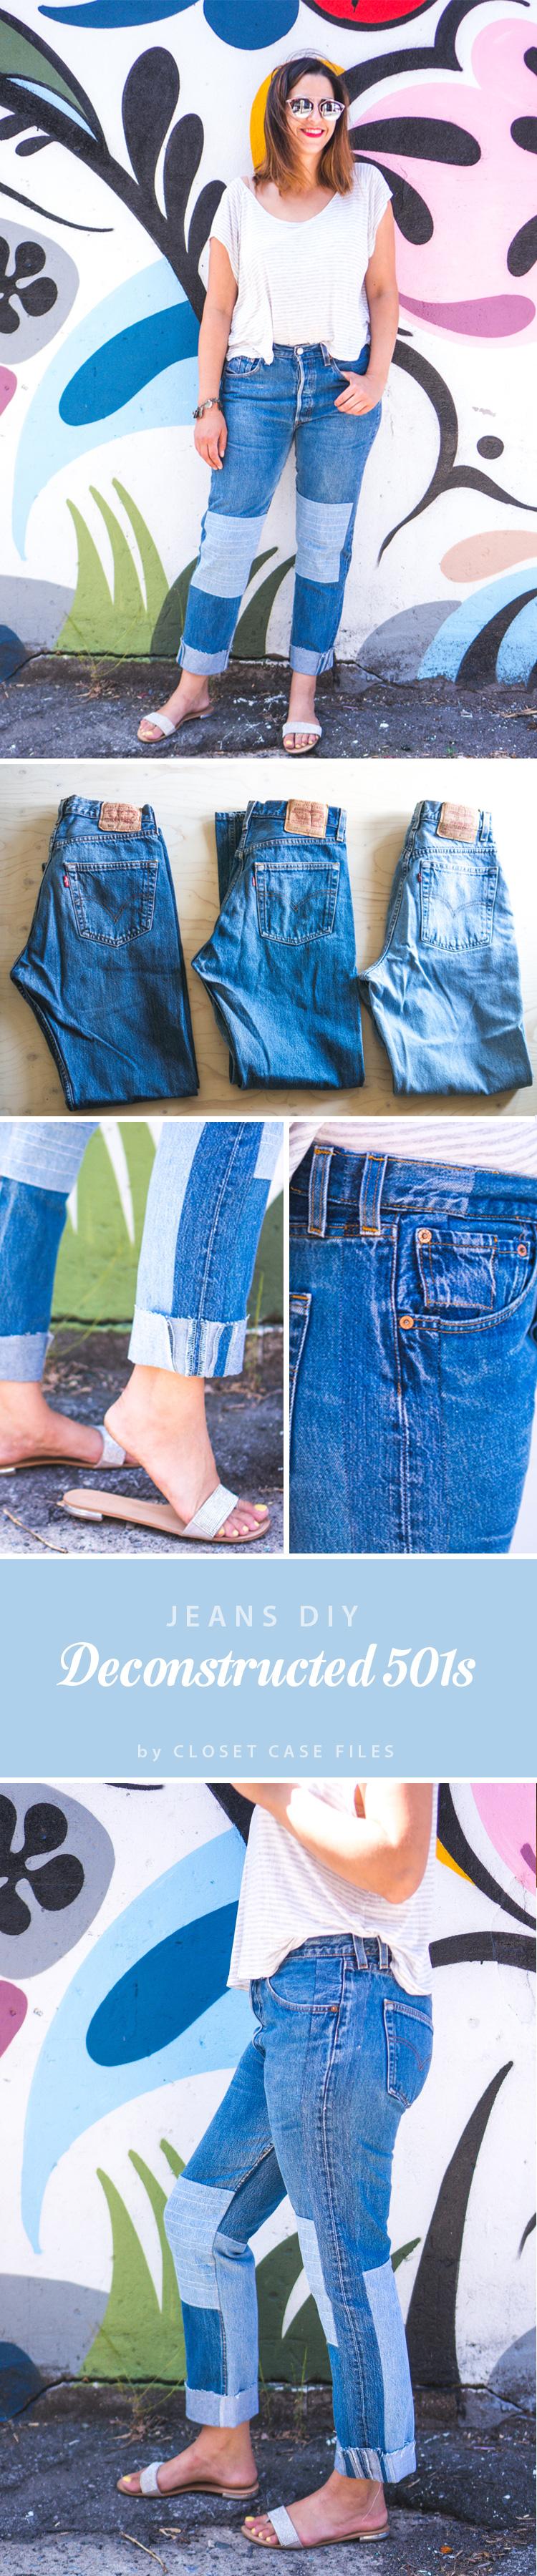 Deconstructed-Jeans-vintage-Levi-501s